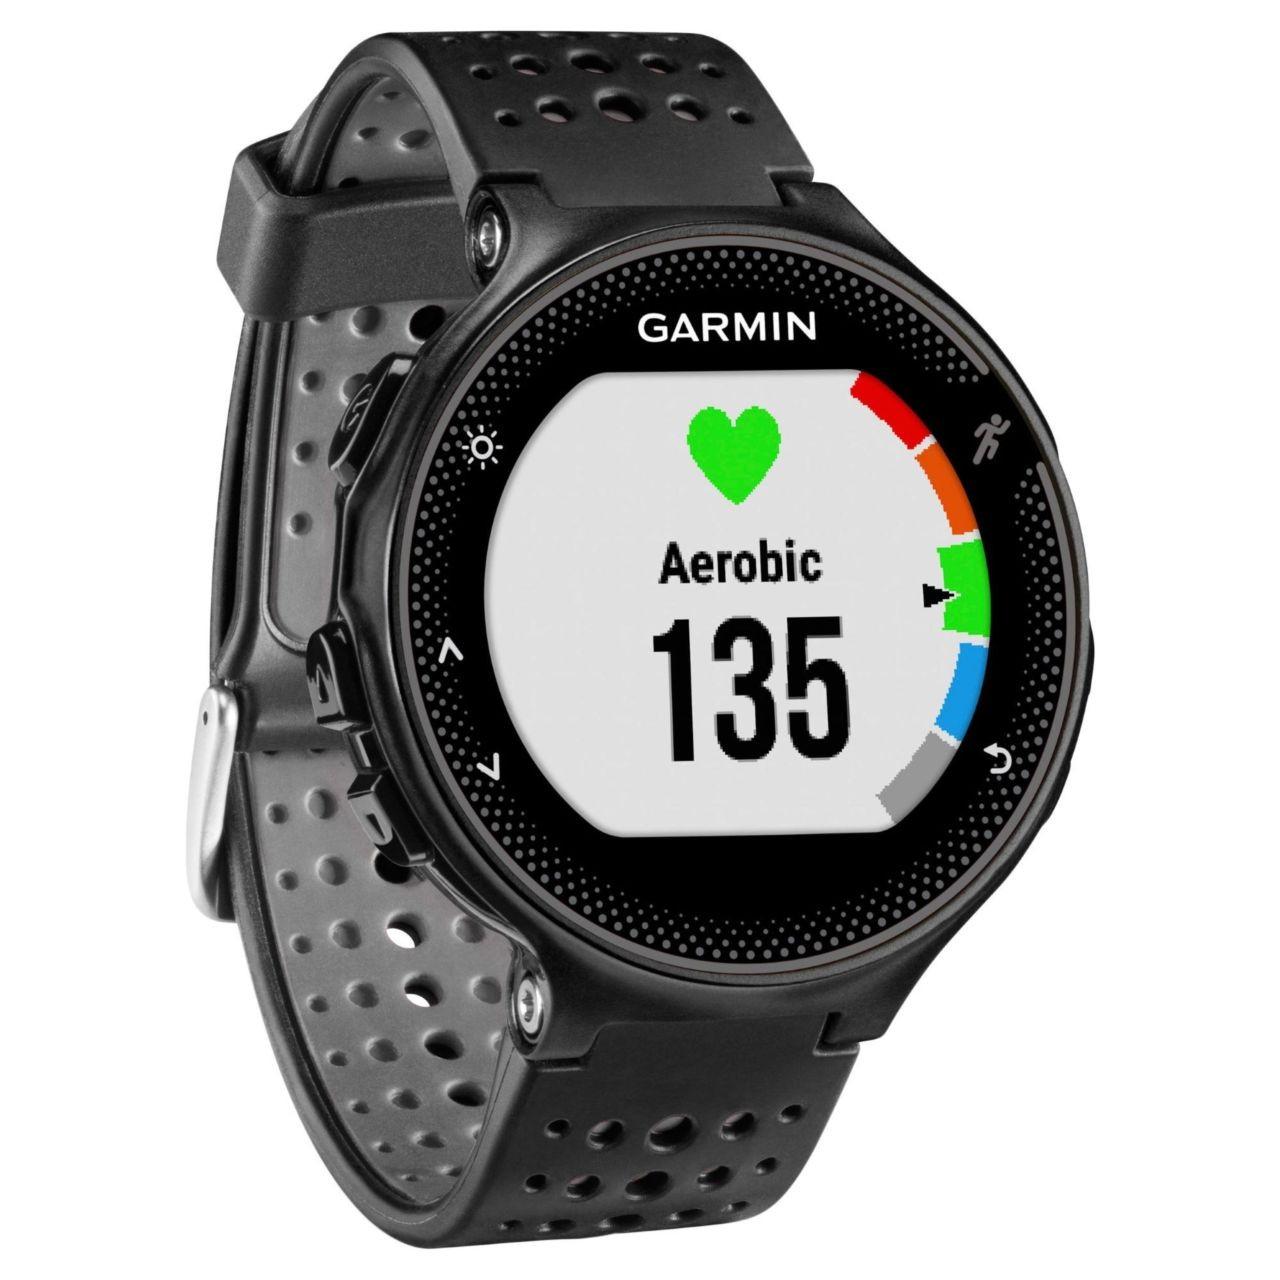 Беговые часы Garmin Forerunner 235 Black (Цвет черно-серый)